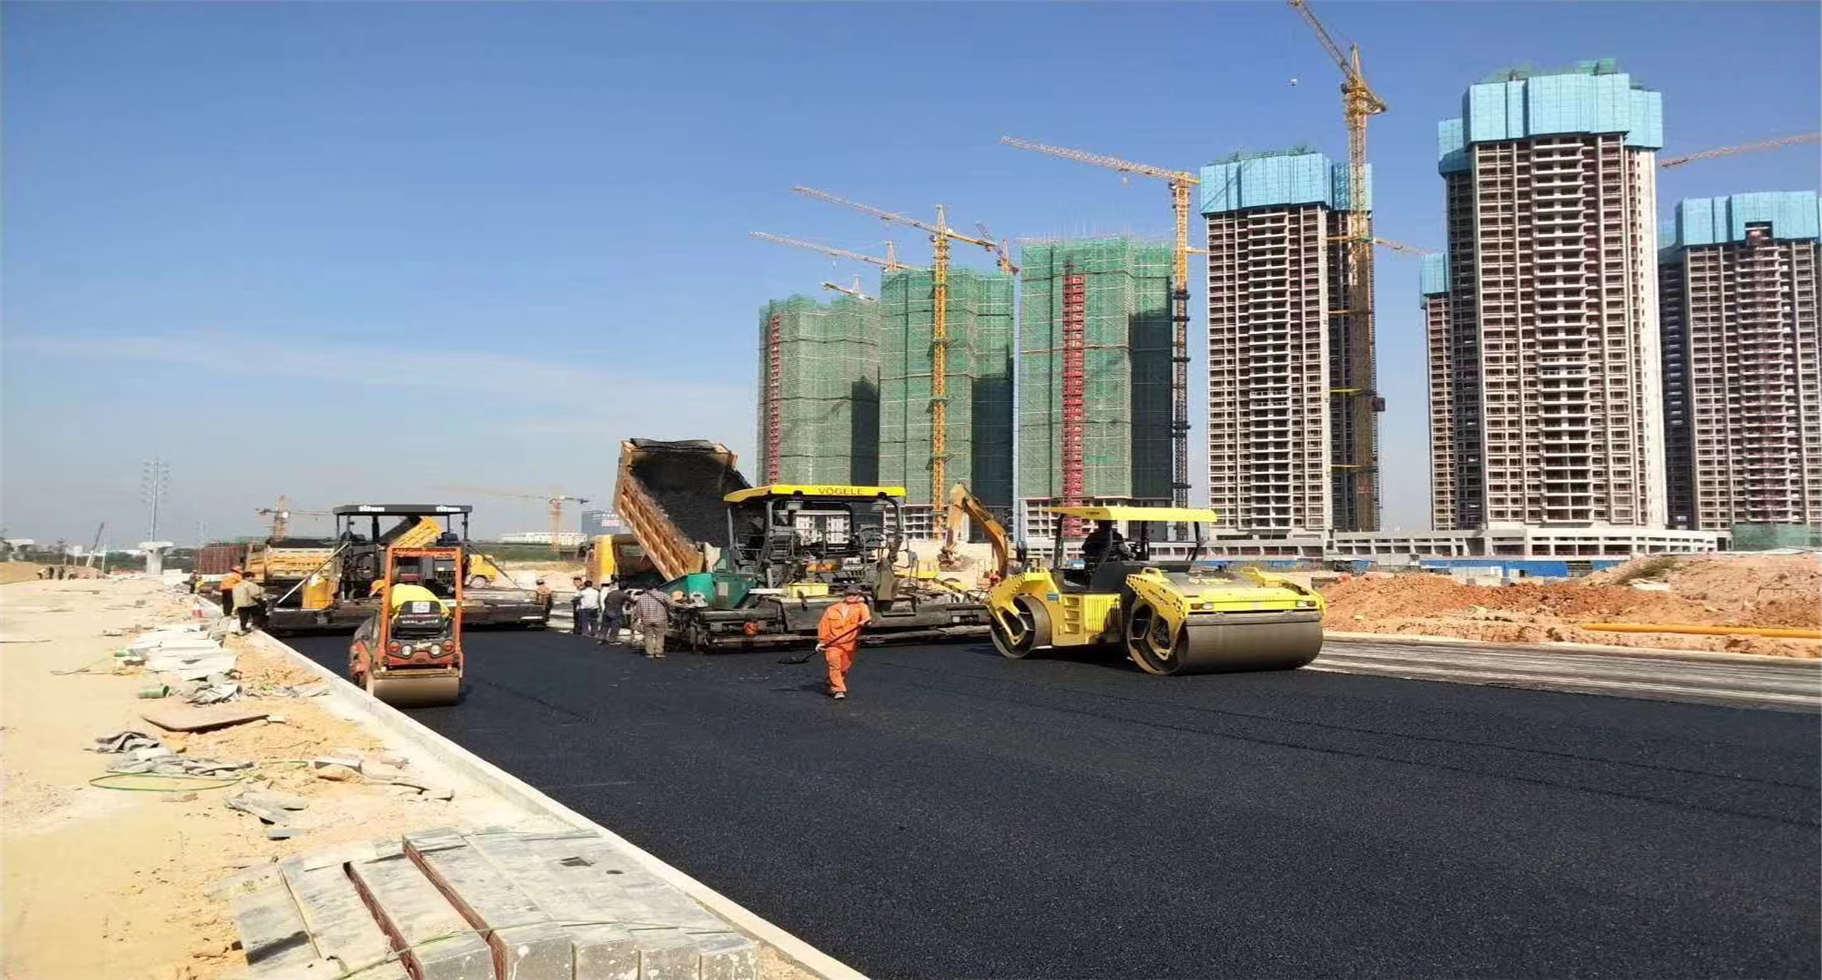 海珠专业的政道路沥青路面工程,热拌沥青混凝土生产